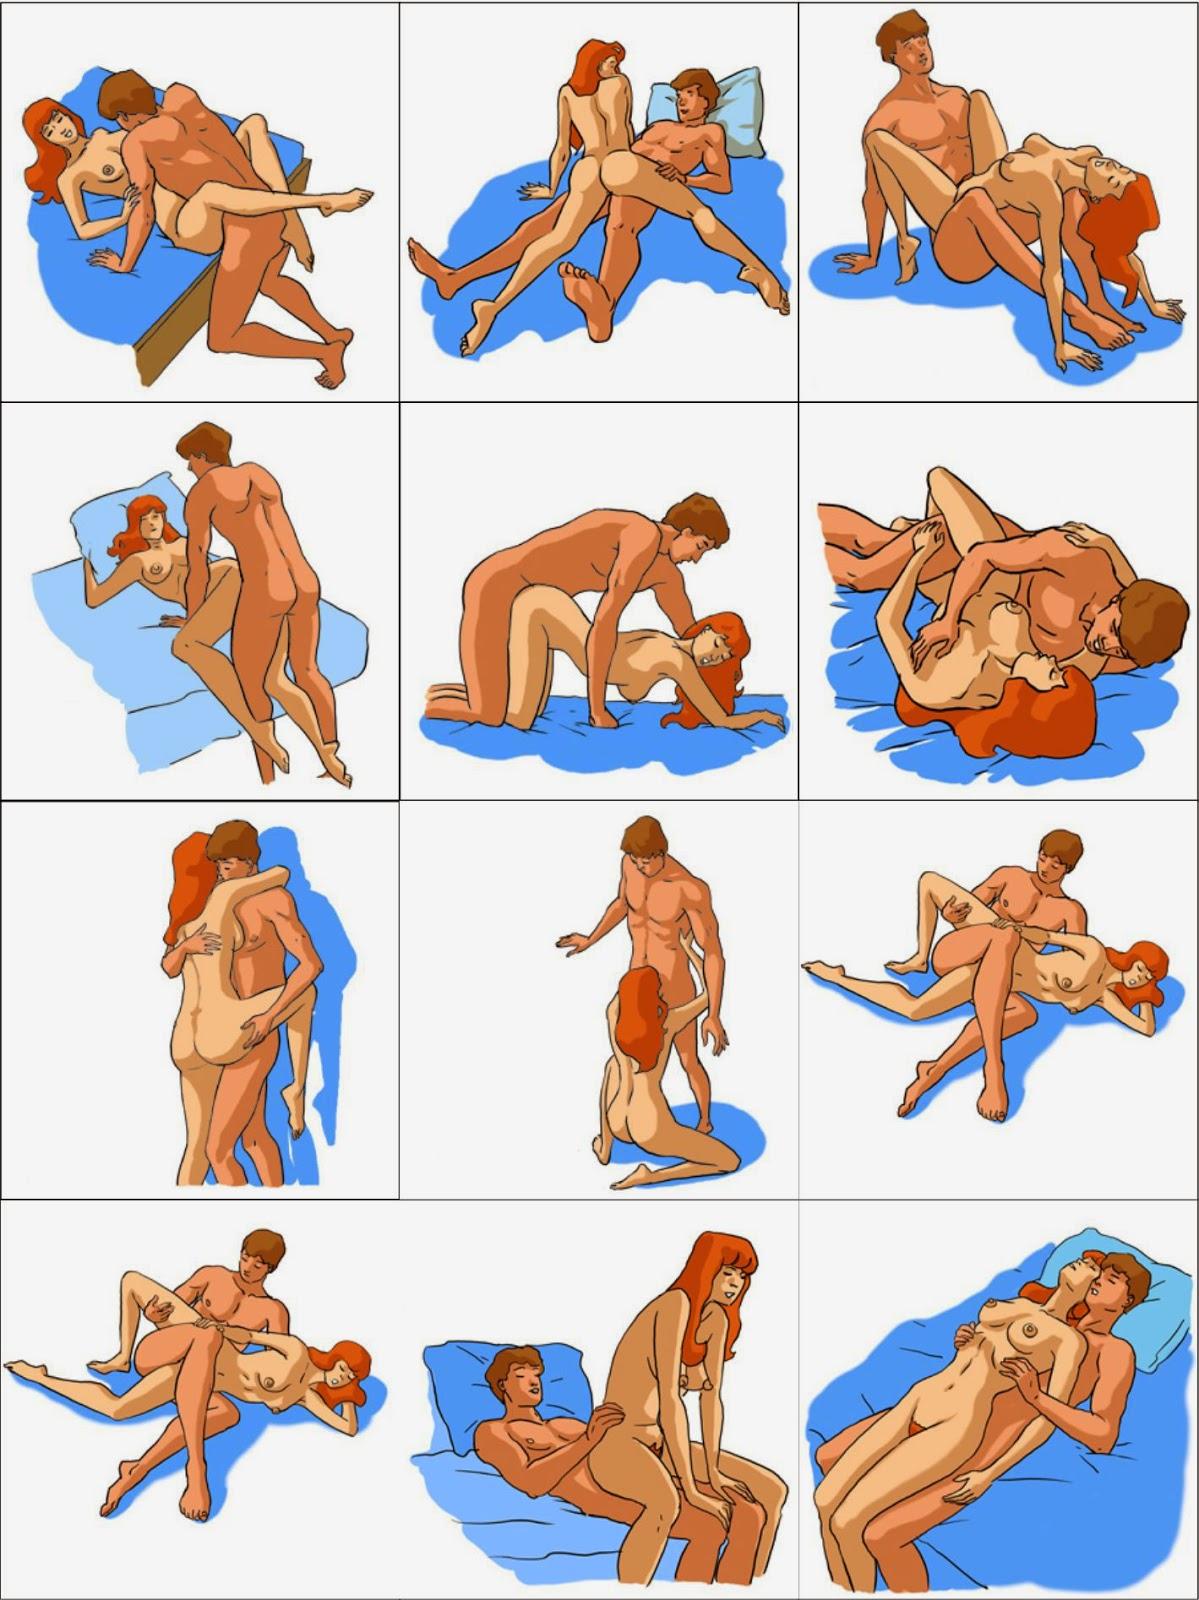 giochi erotici da fare con lui numeri di donne single